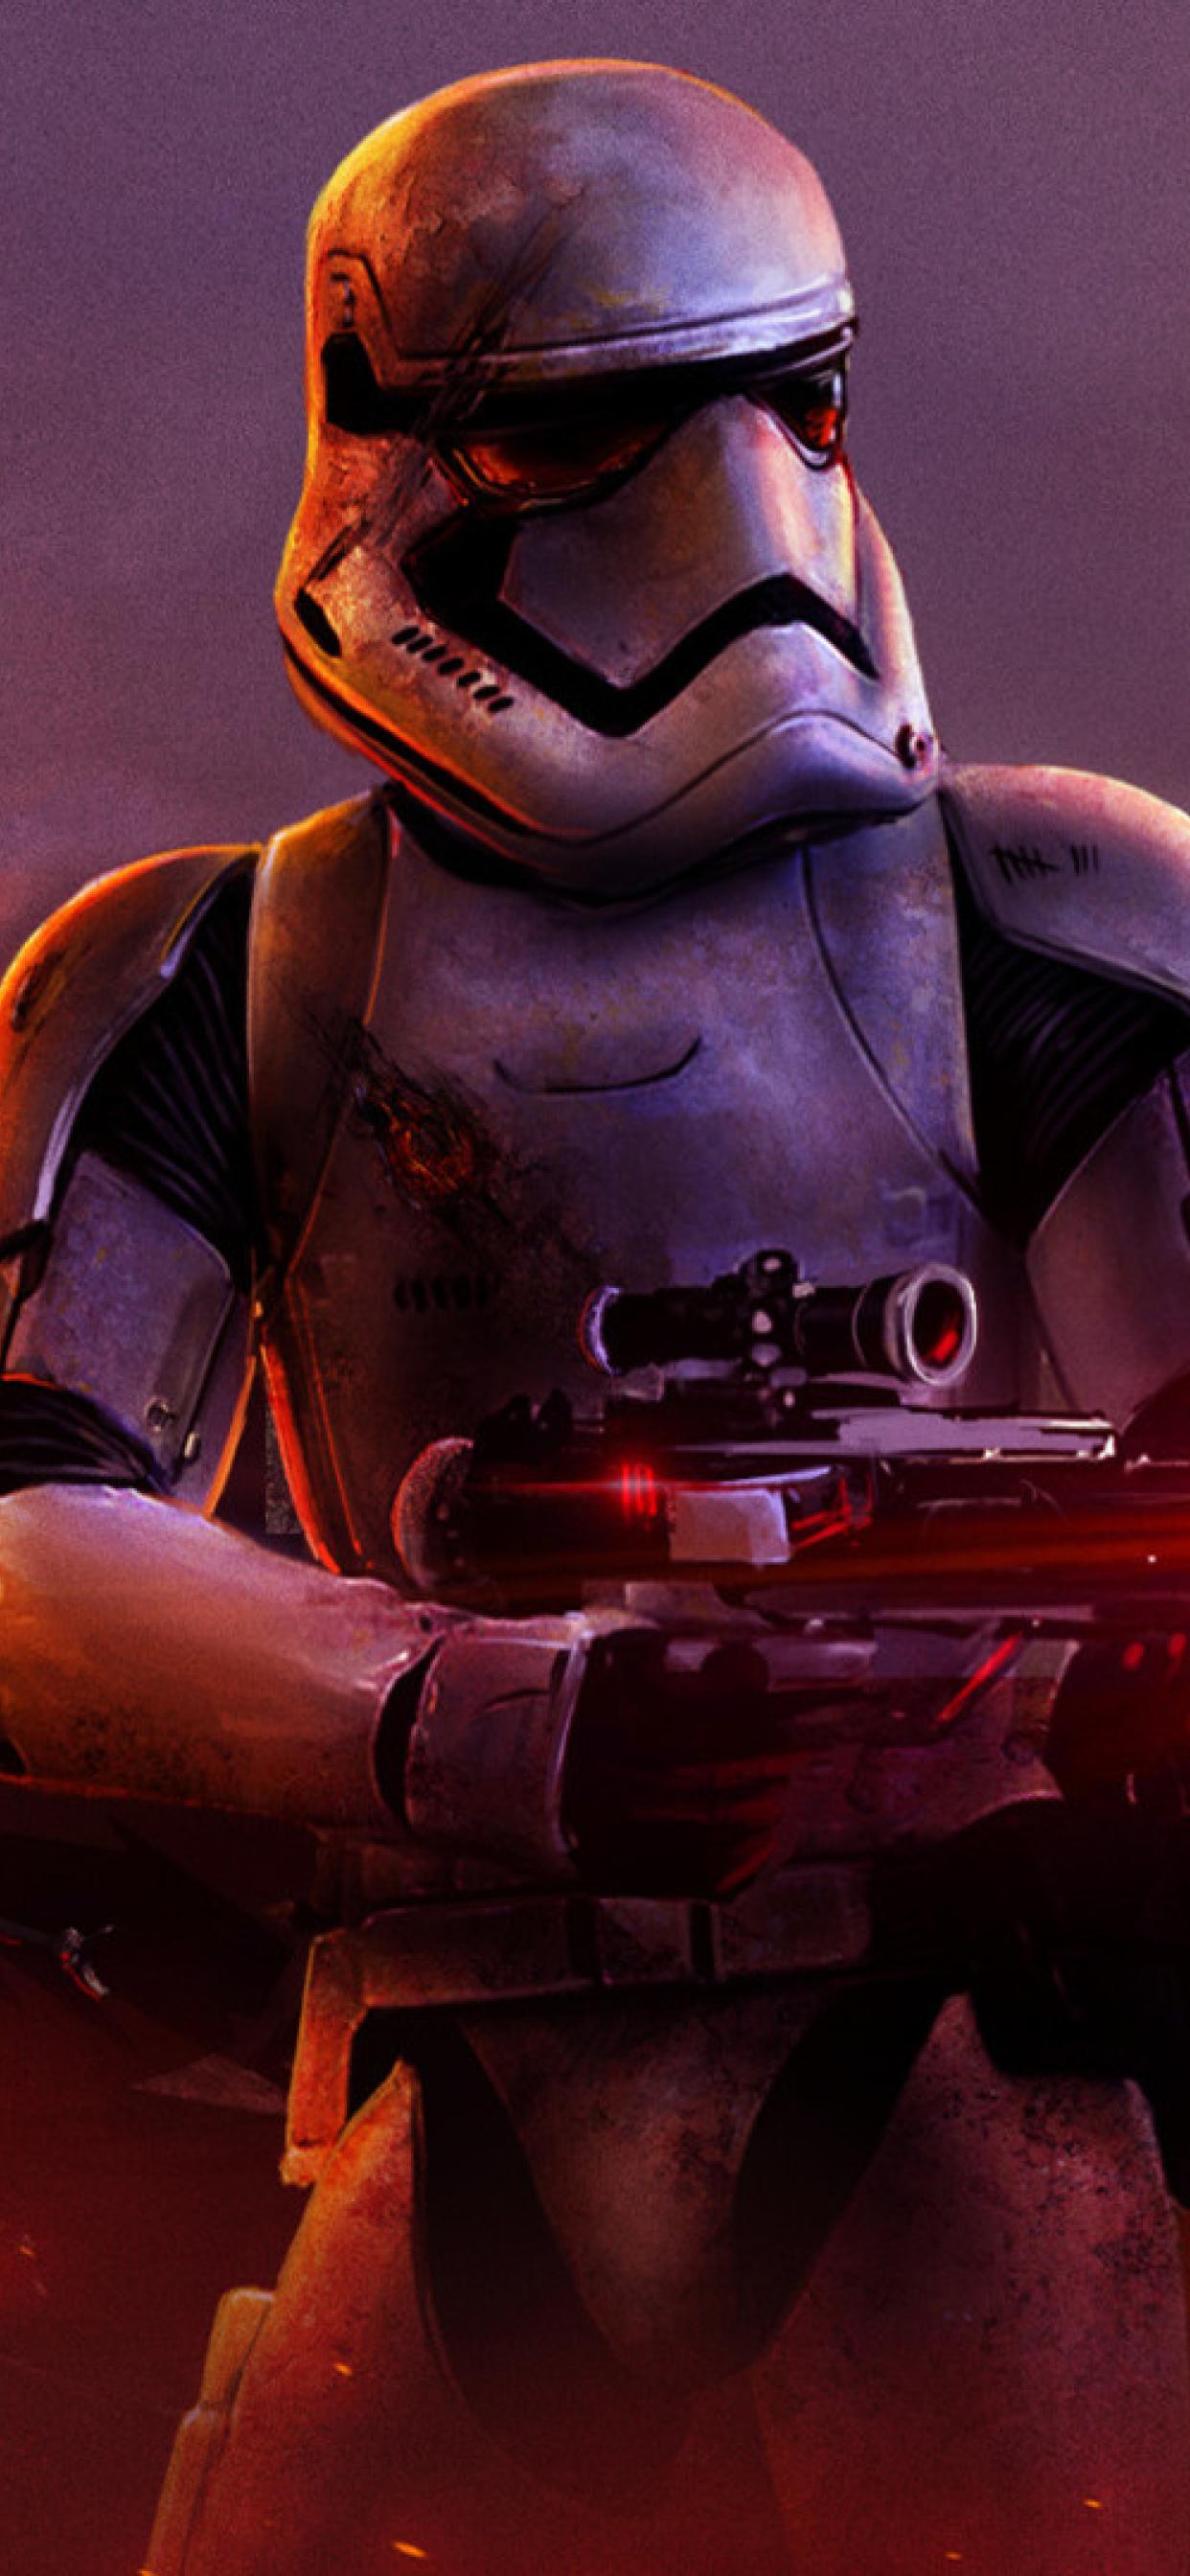 1242x2688 Stormtrooper Iphone XS MAX Wallpaper, HD Movies ...